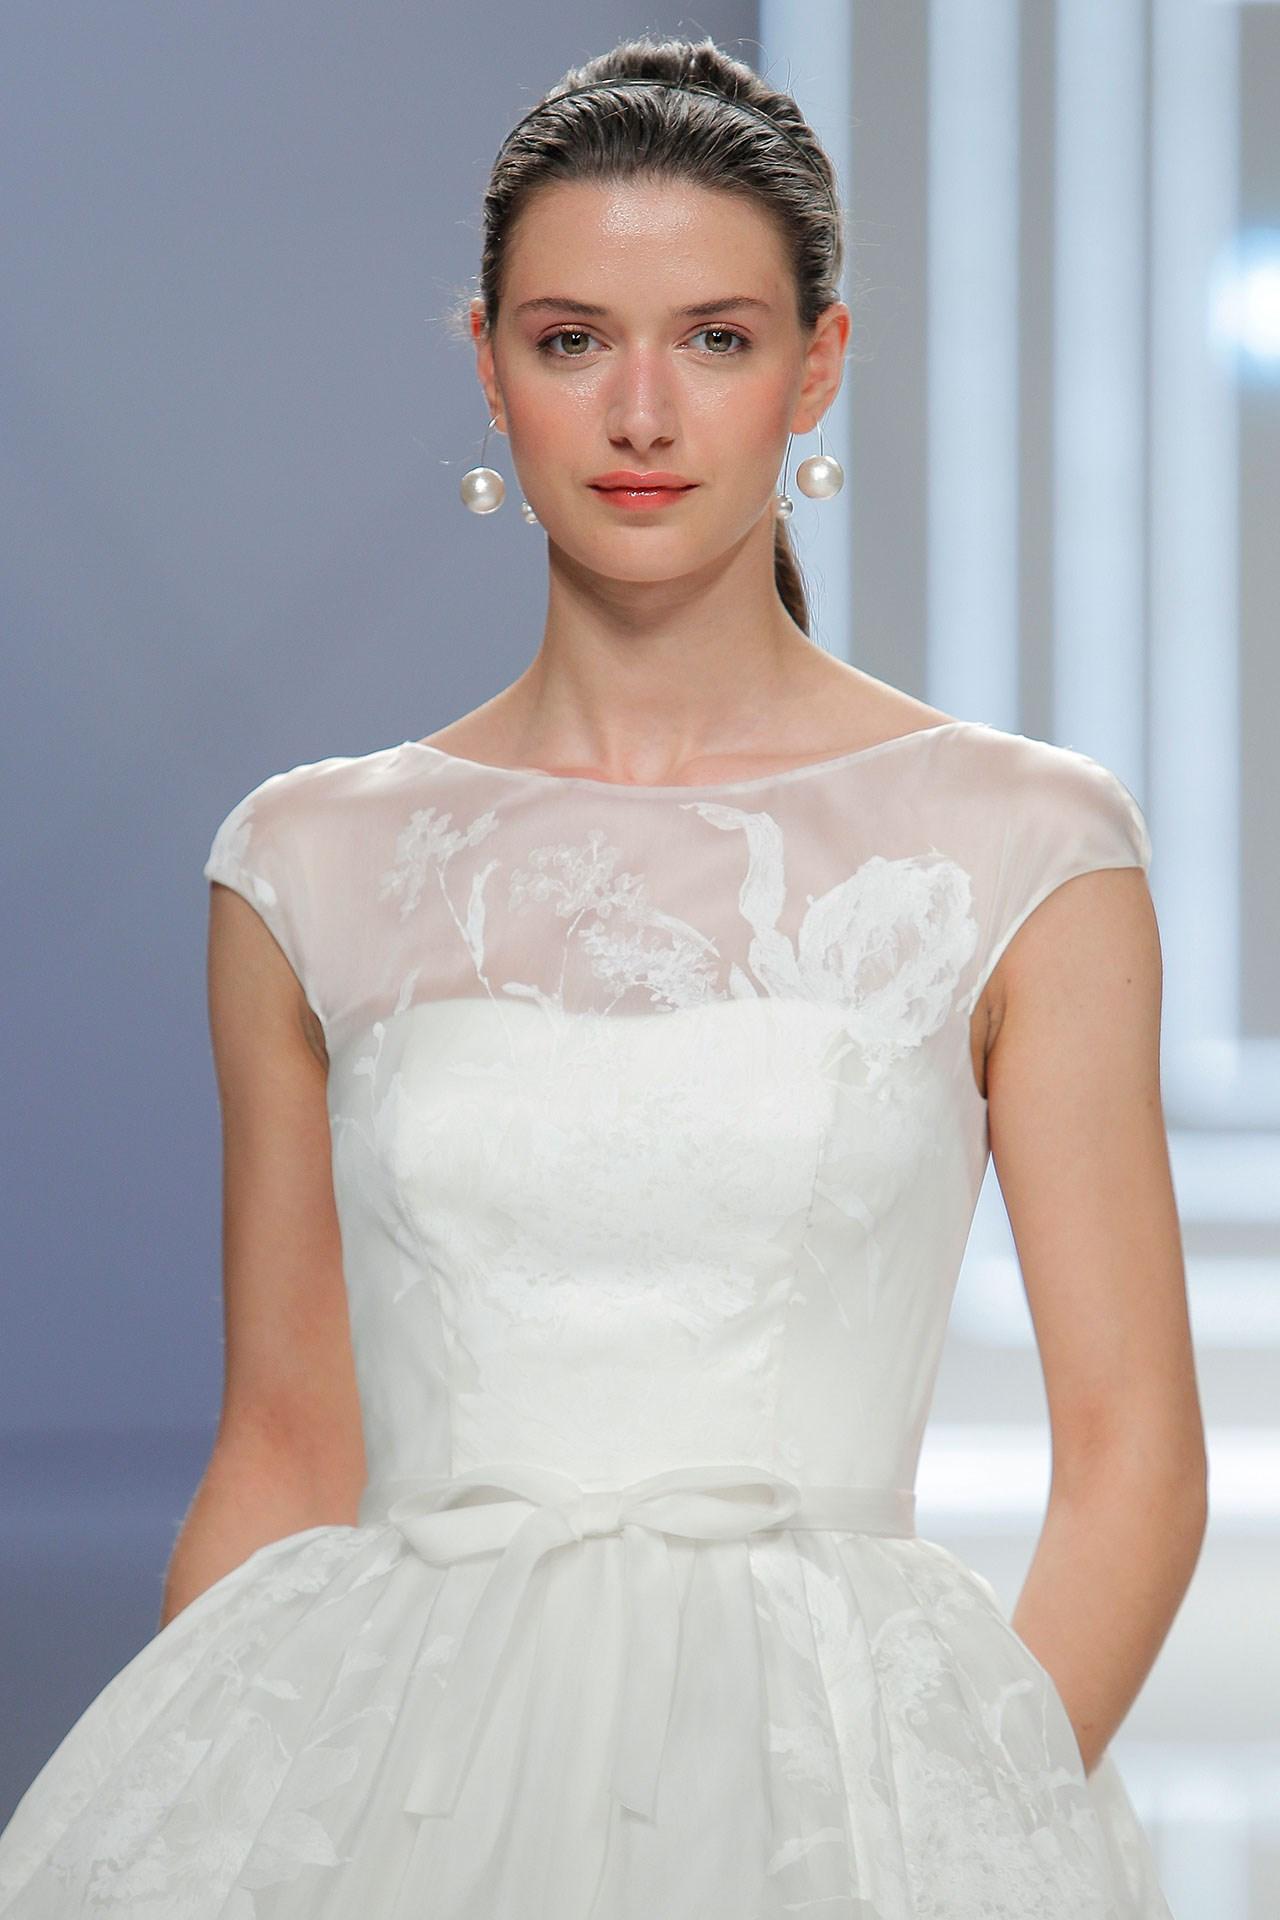 Ausgezeichnet Pokemon Brautkleid Galerie - Hochzeit Kleid Stile ...